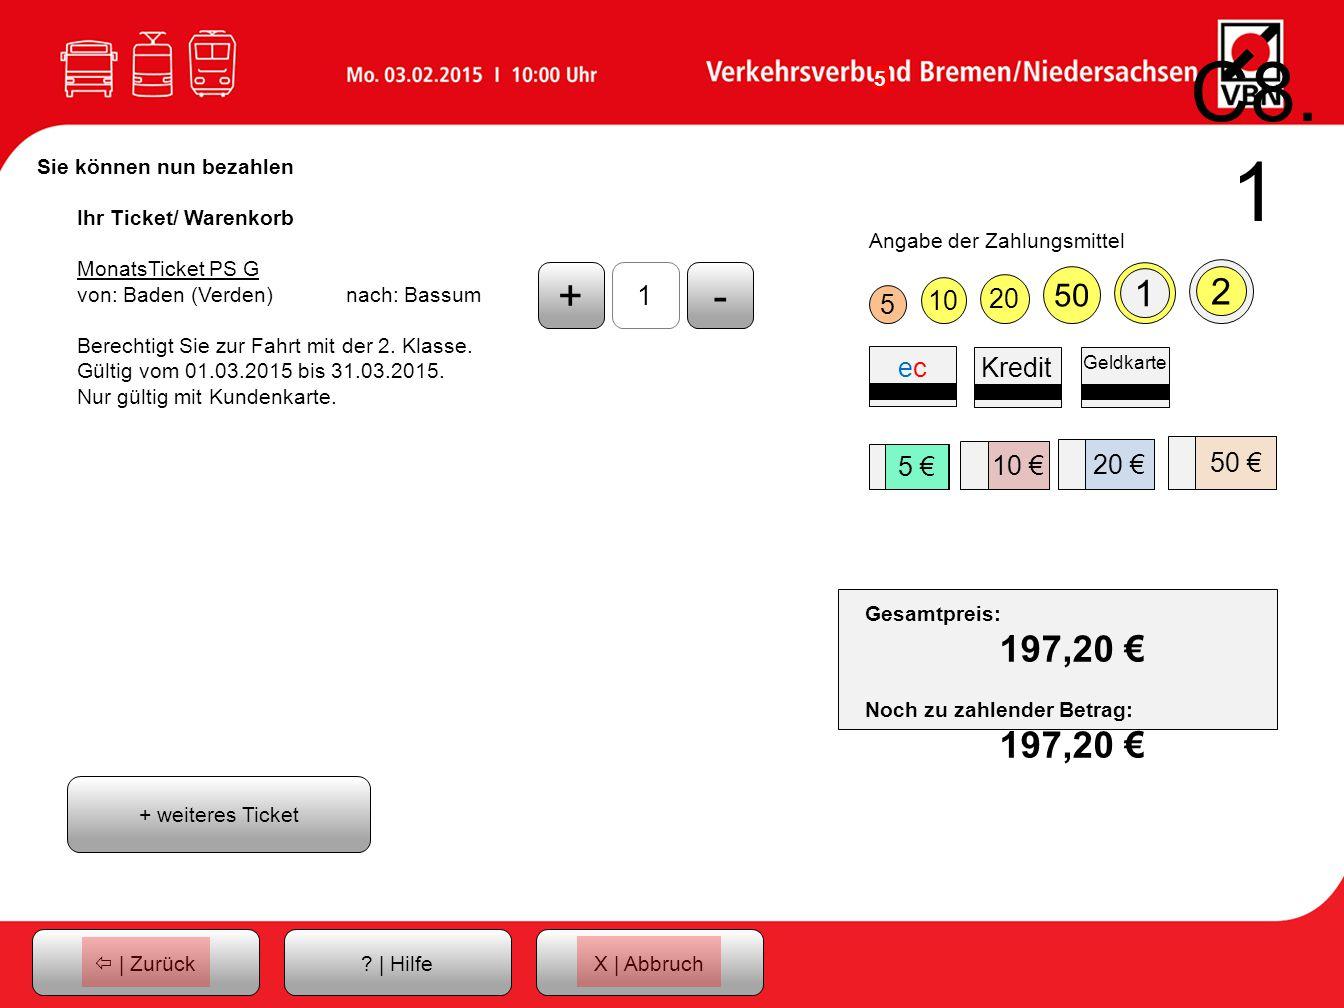 C8.1 Sie können nun bezahlen. Ihr Ticket/ Warenkorb. MonatsTicket PS G. von: Baden (Verden) nach: Bassum.